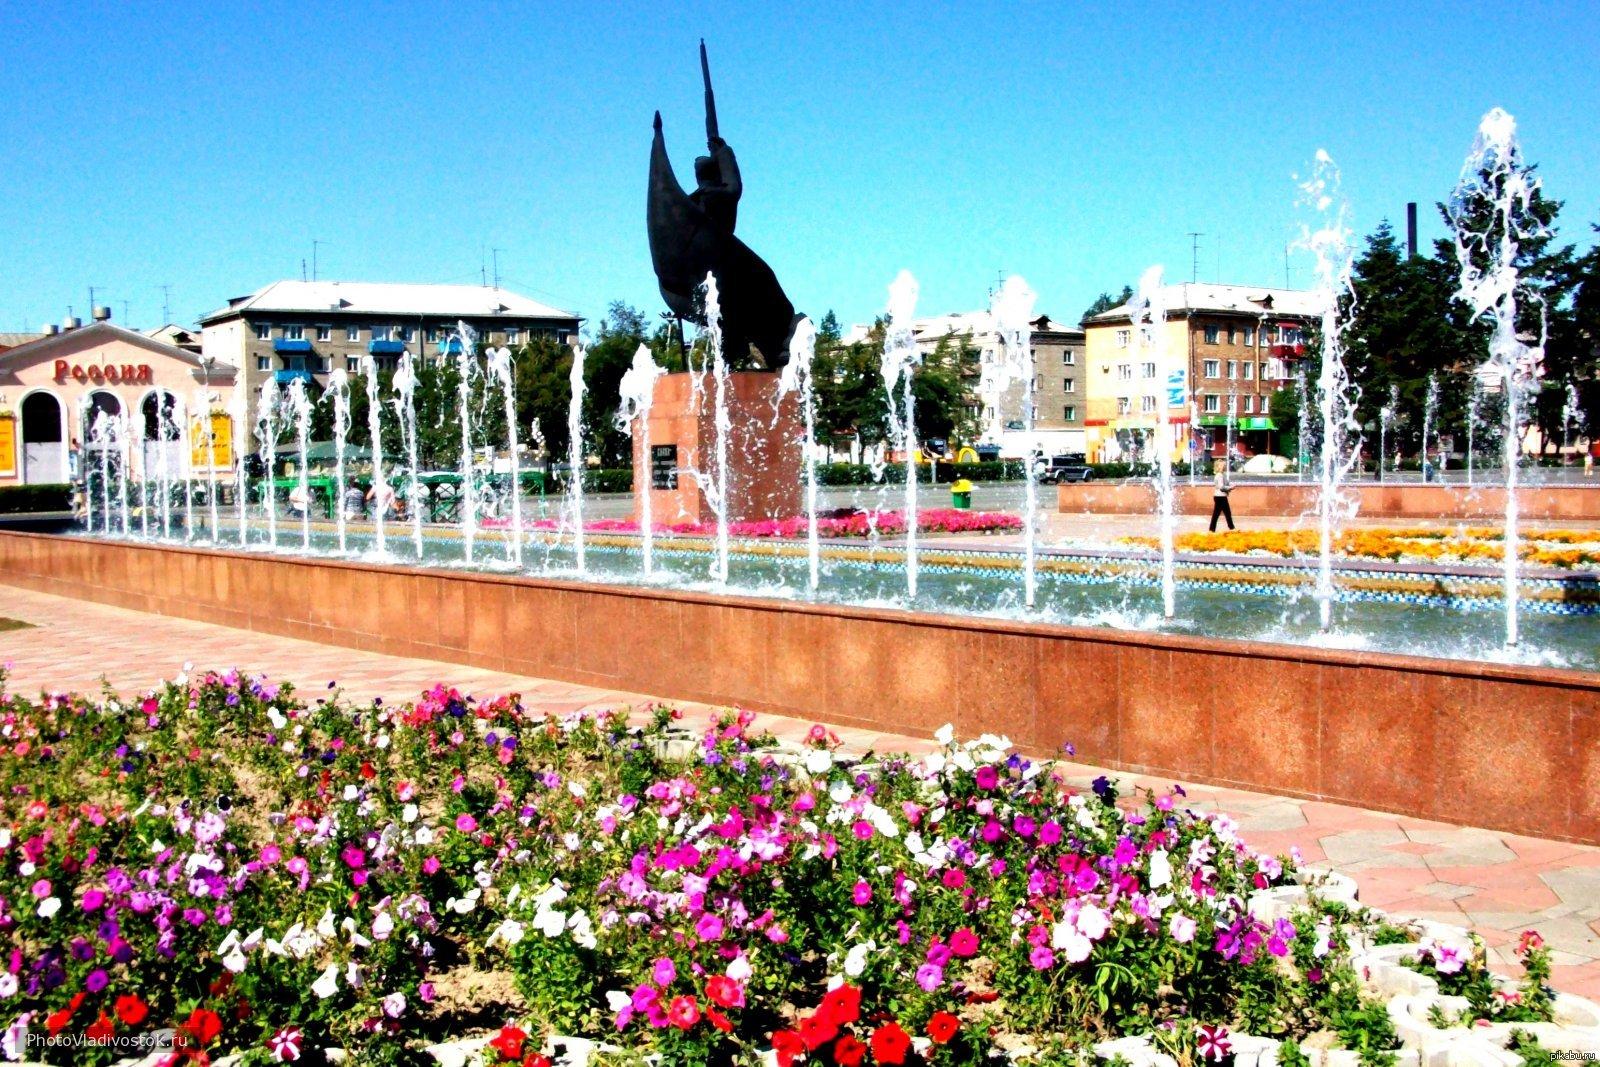 Монако достопримечательности фото и описание вразумление поводу